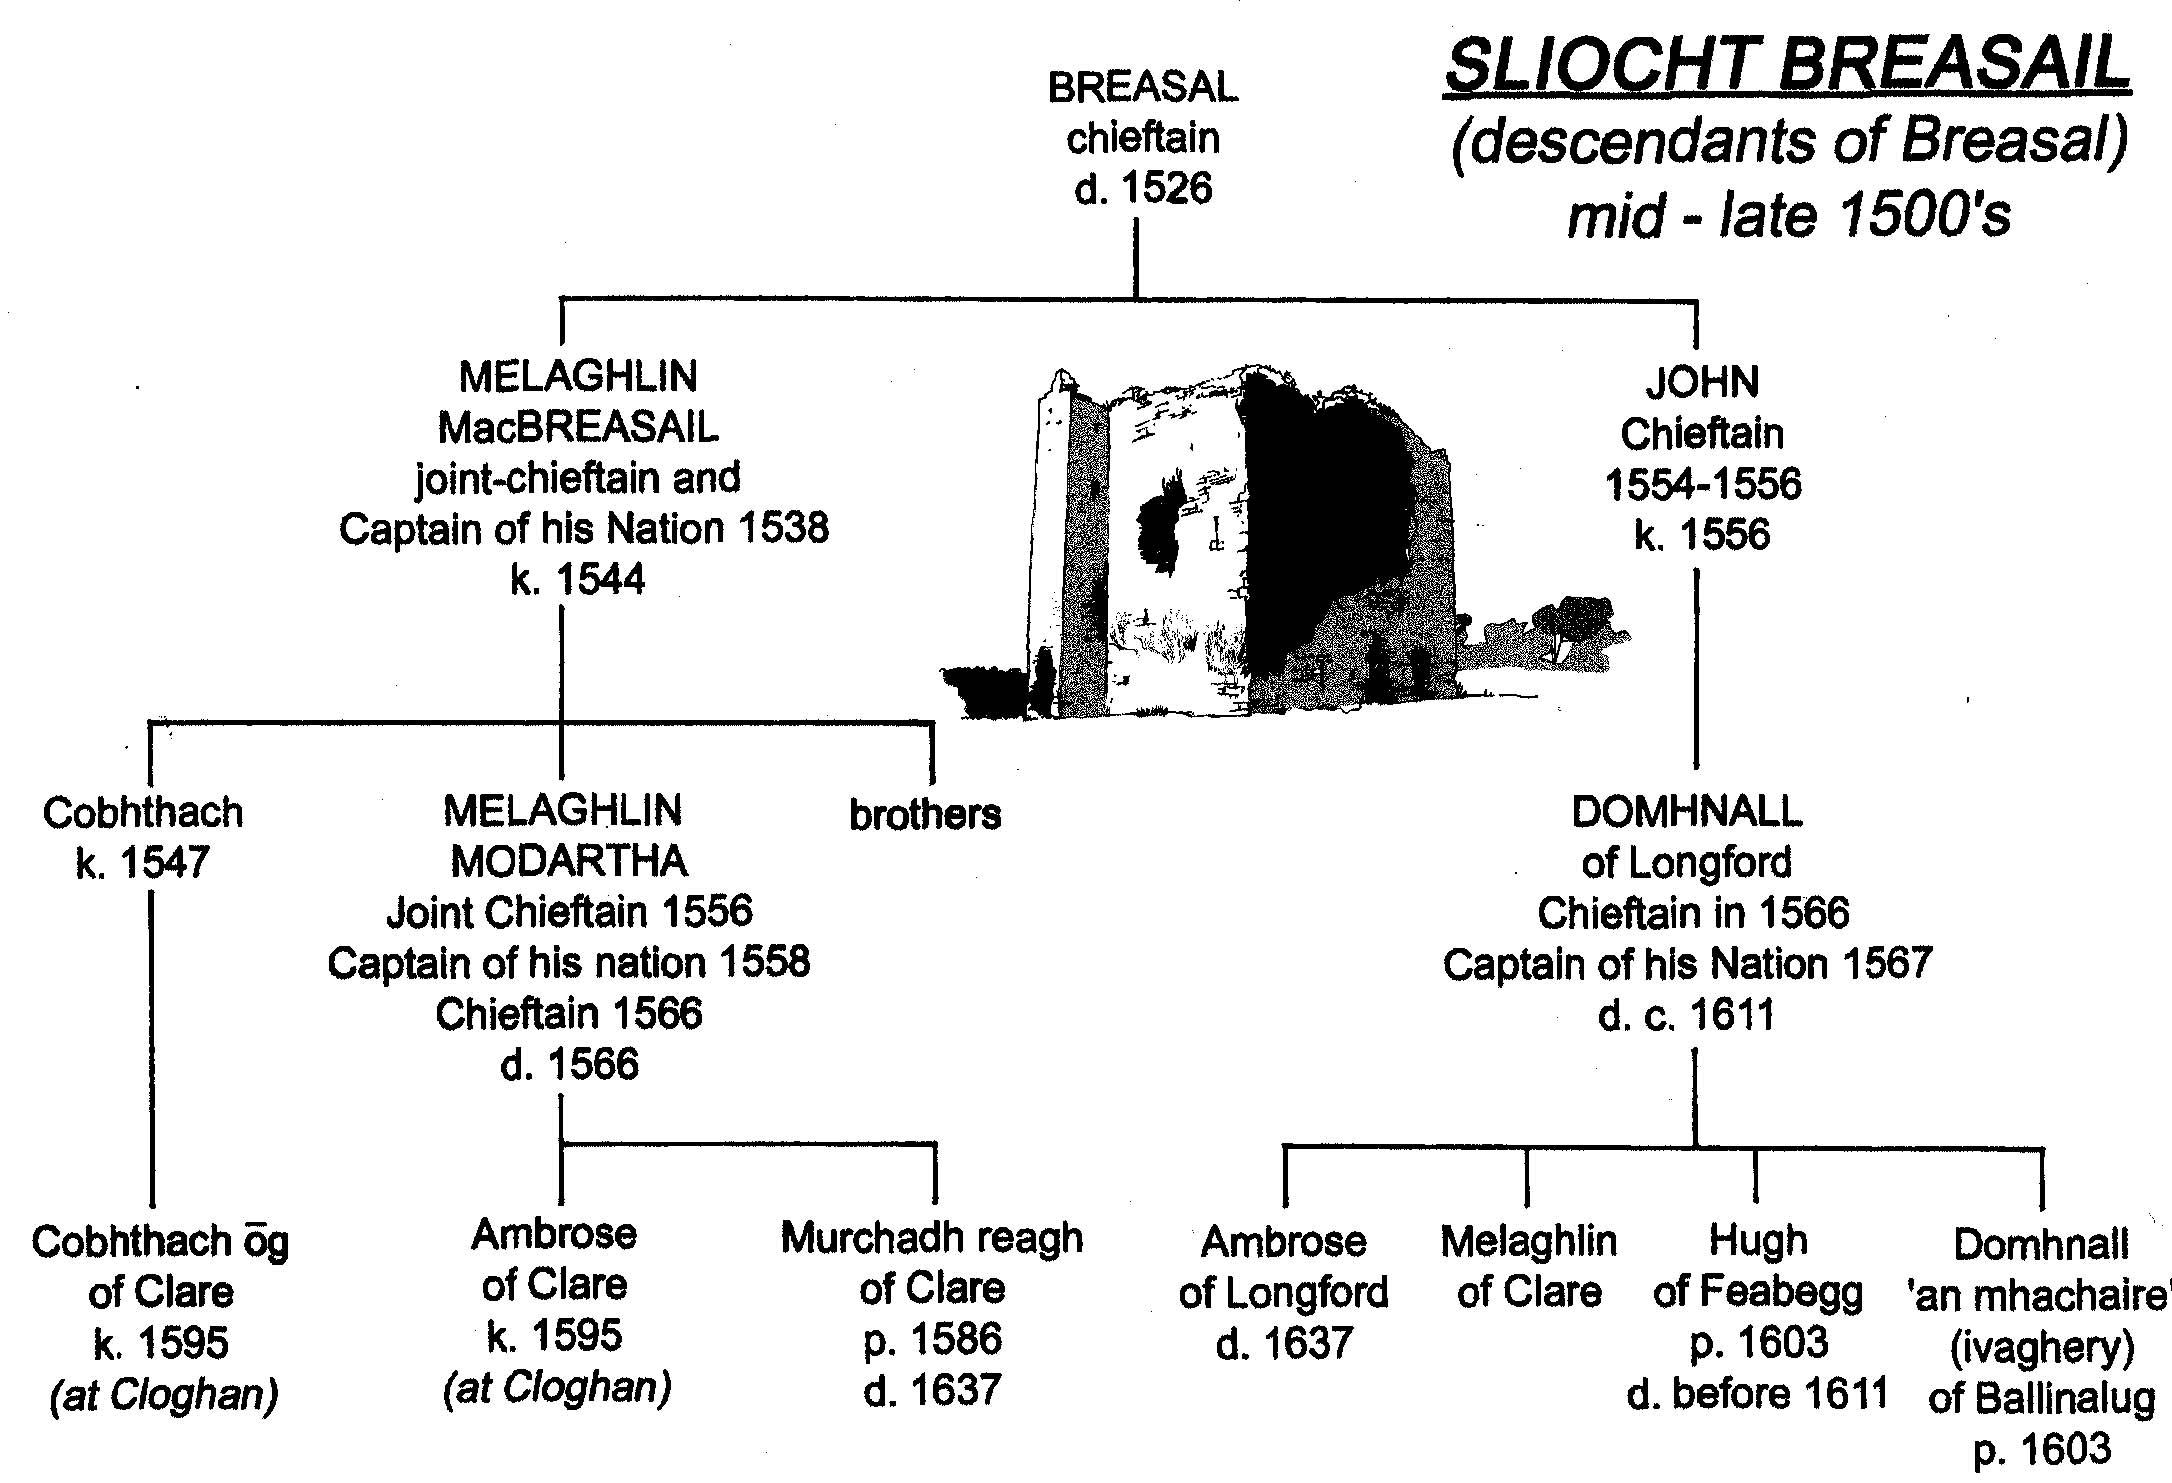 Sliocht Breasal